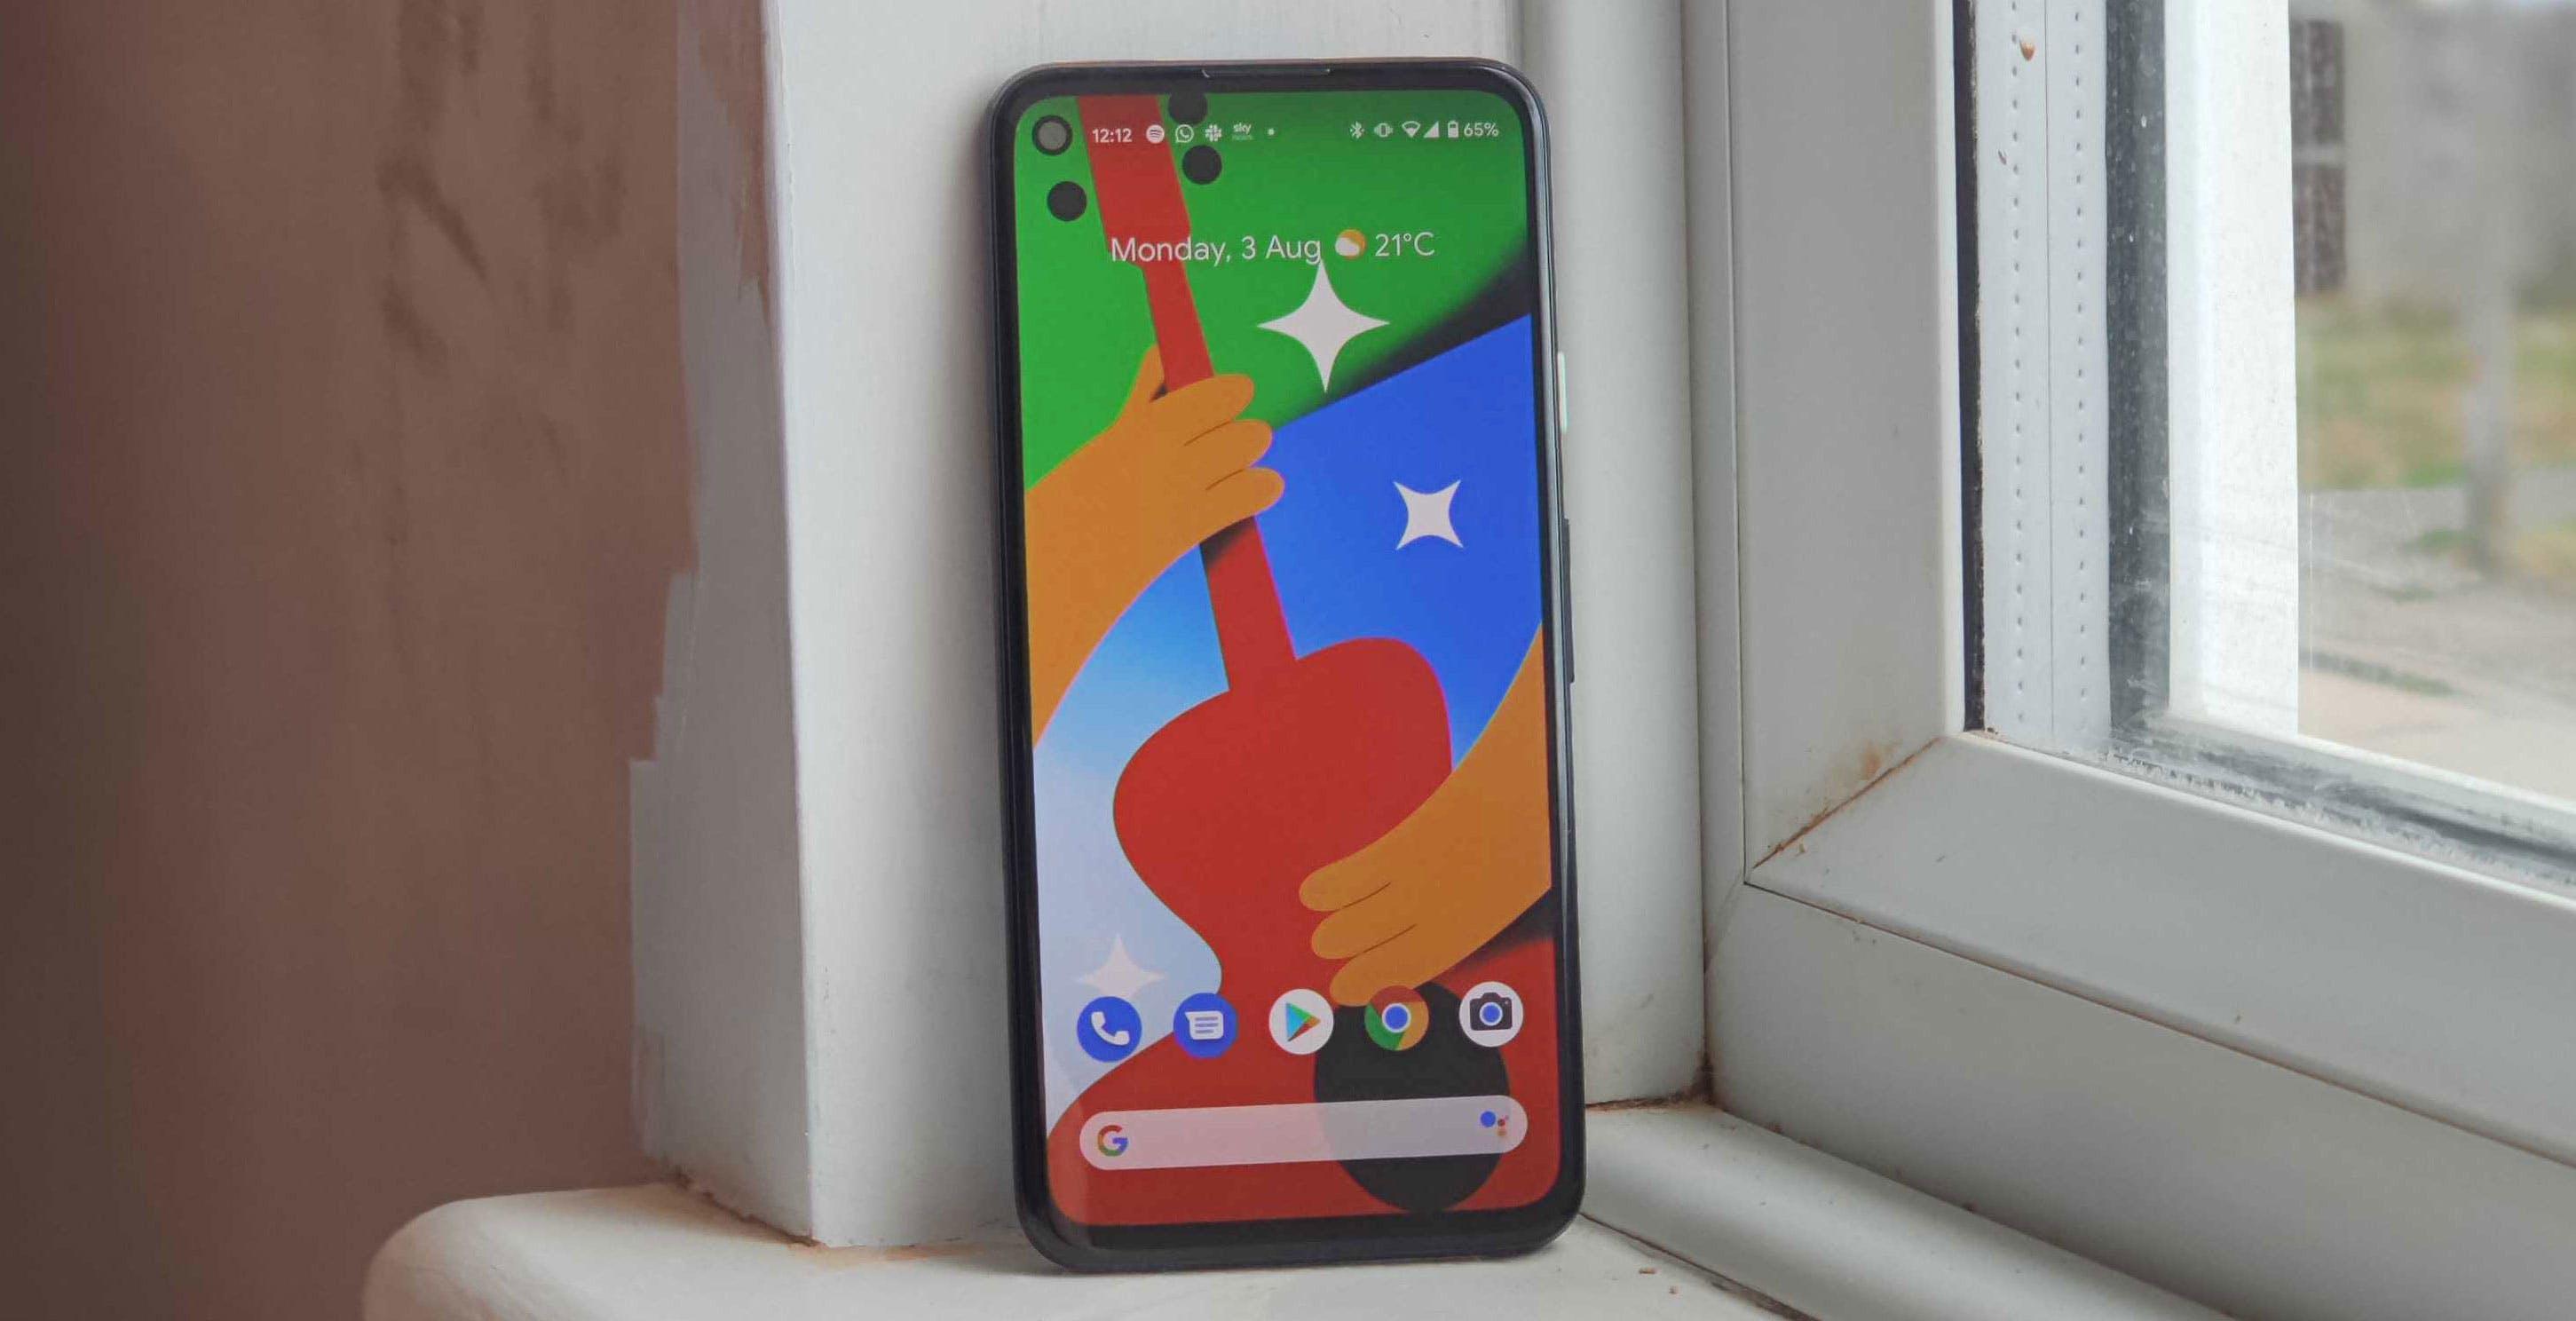 Google come Apple? Anche su Android un sistema anti-tracciamento per proteggere la privacy